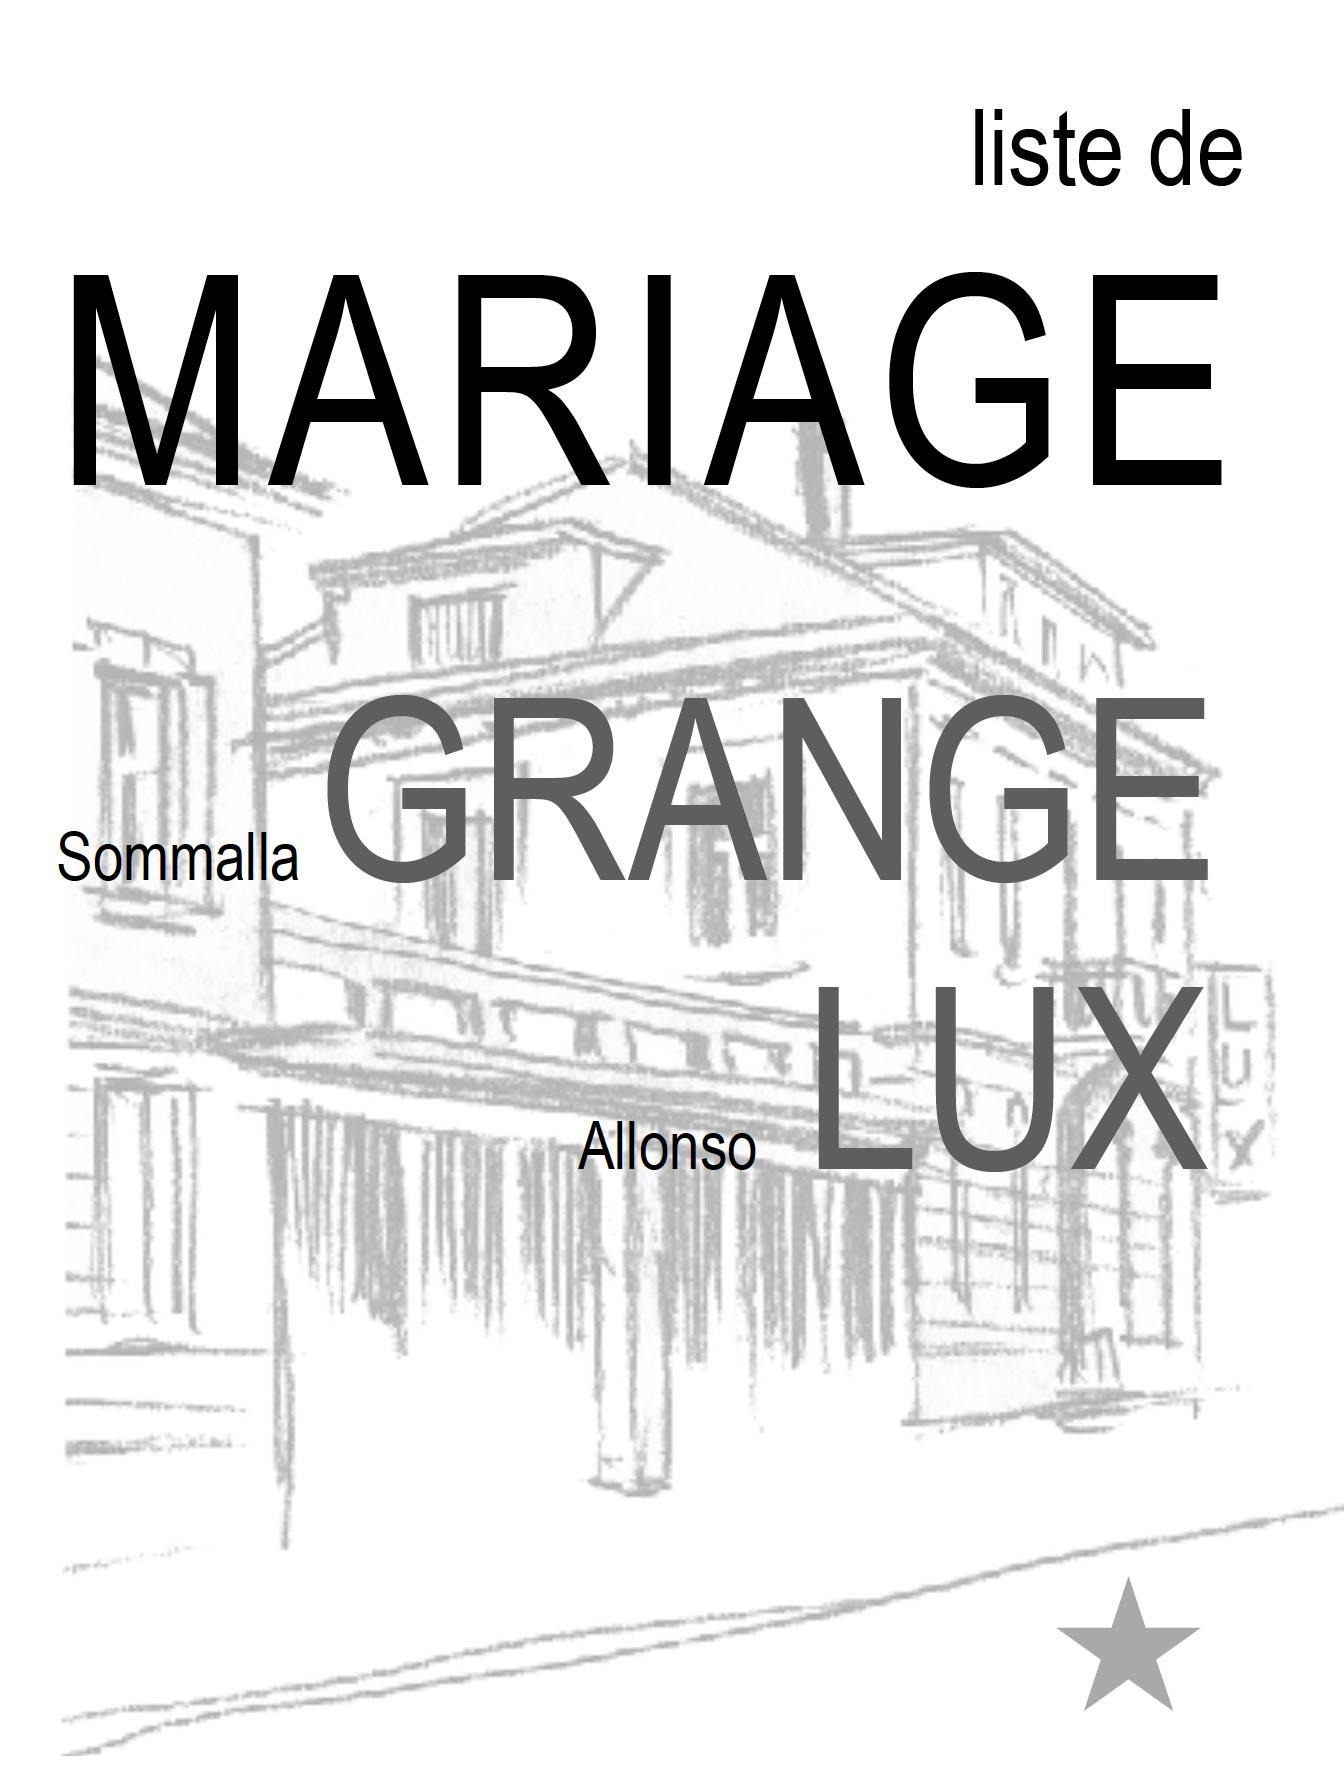 La Grange déménage au Lux !